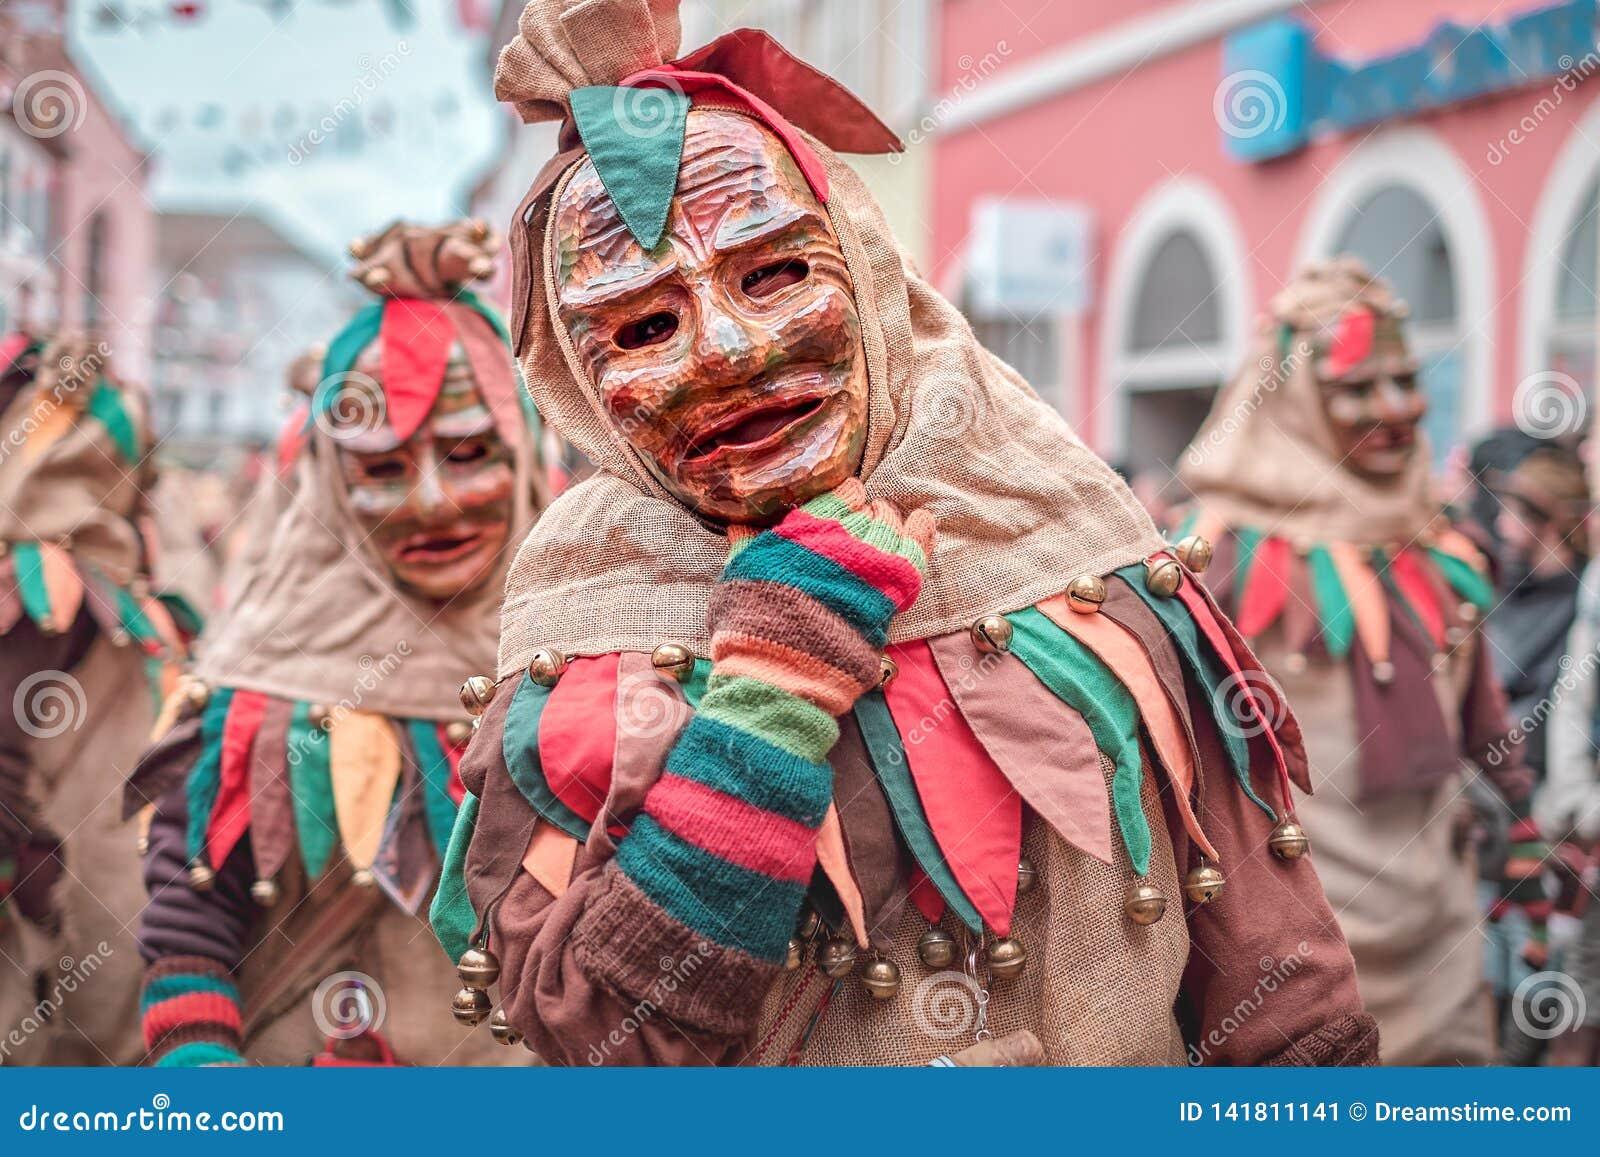 Życzliwa carnaval postać w brązie, zieleń, czerwony kontusz pokazuje ręka gest Karnawał w południowym Niemcy - Czarny las